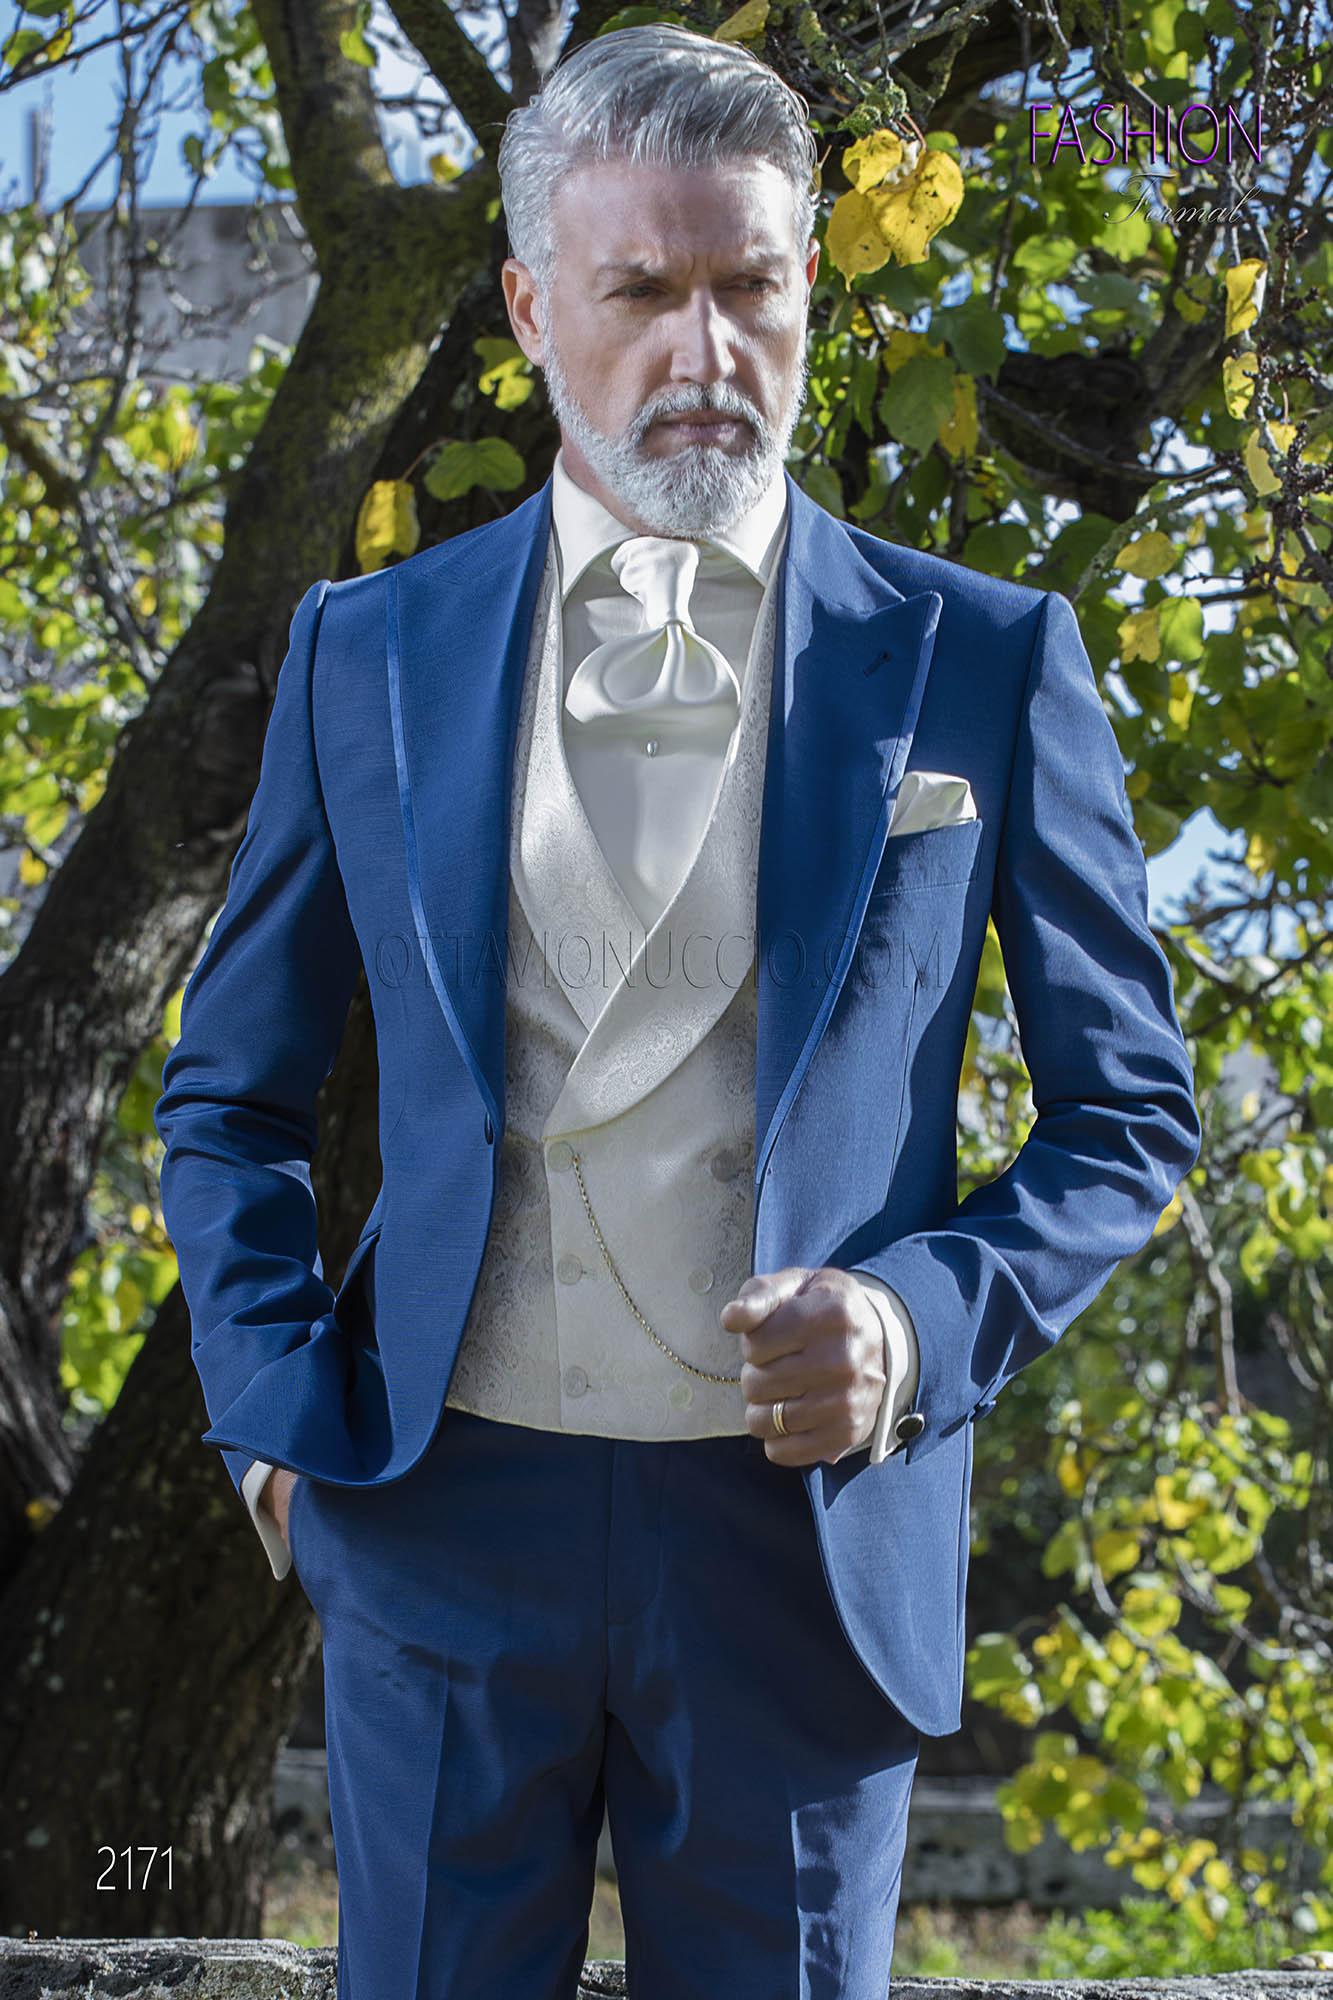 Costume bleu electrique mariage avec gilet blanc crois - Costume bleu electrique ...